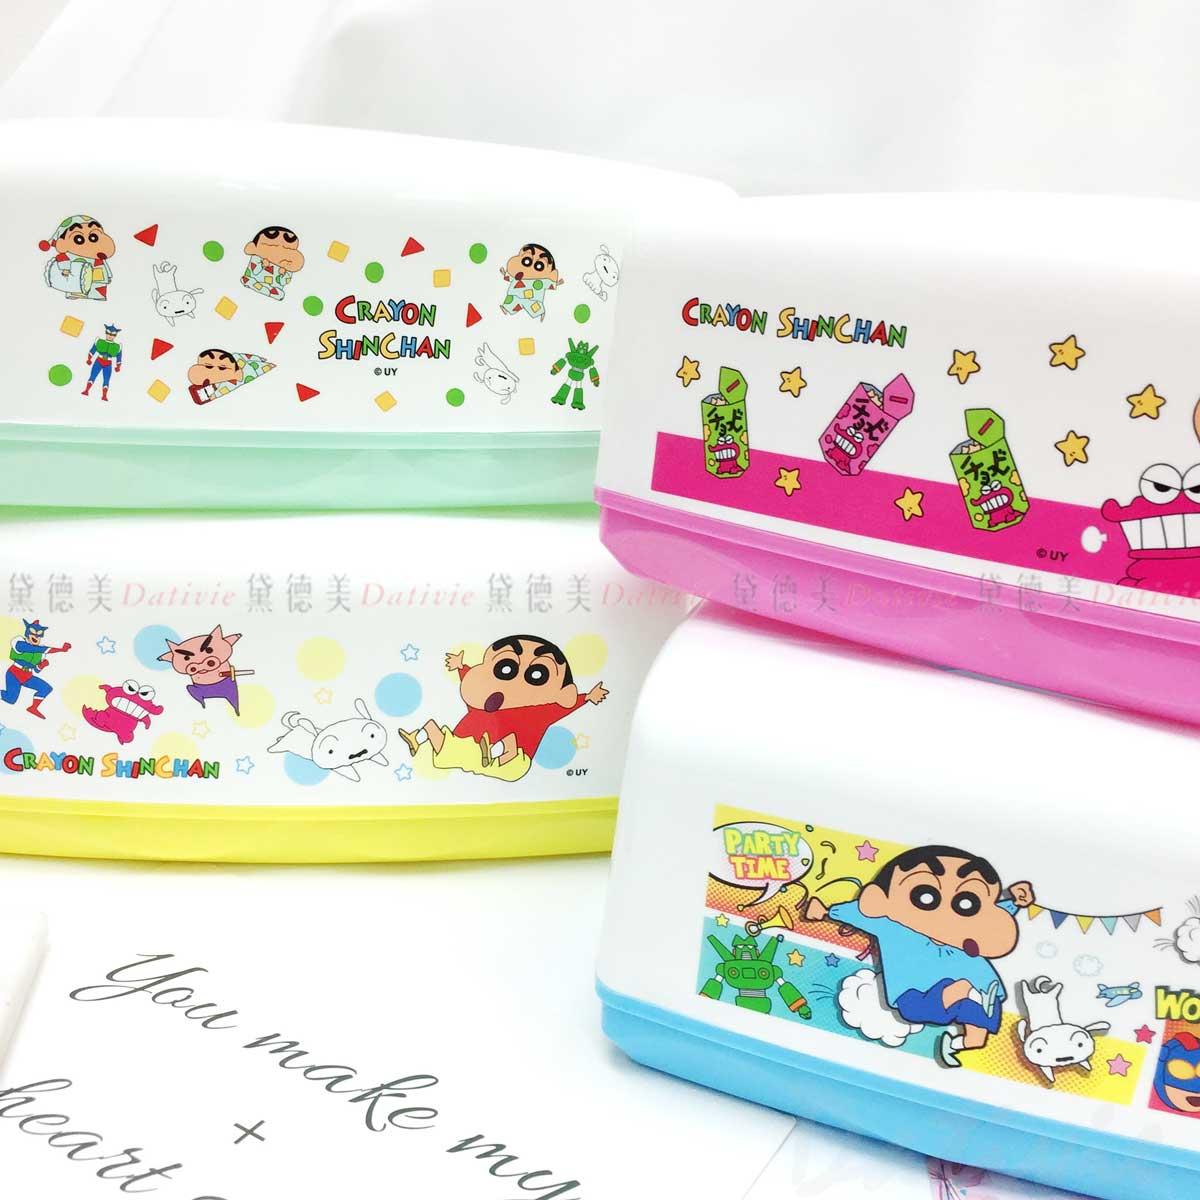 面紙盒-蠟筆小新 Crayon Shin Chain クレヨンしんちゃん 正版授權